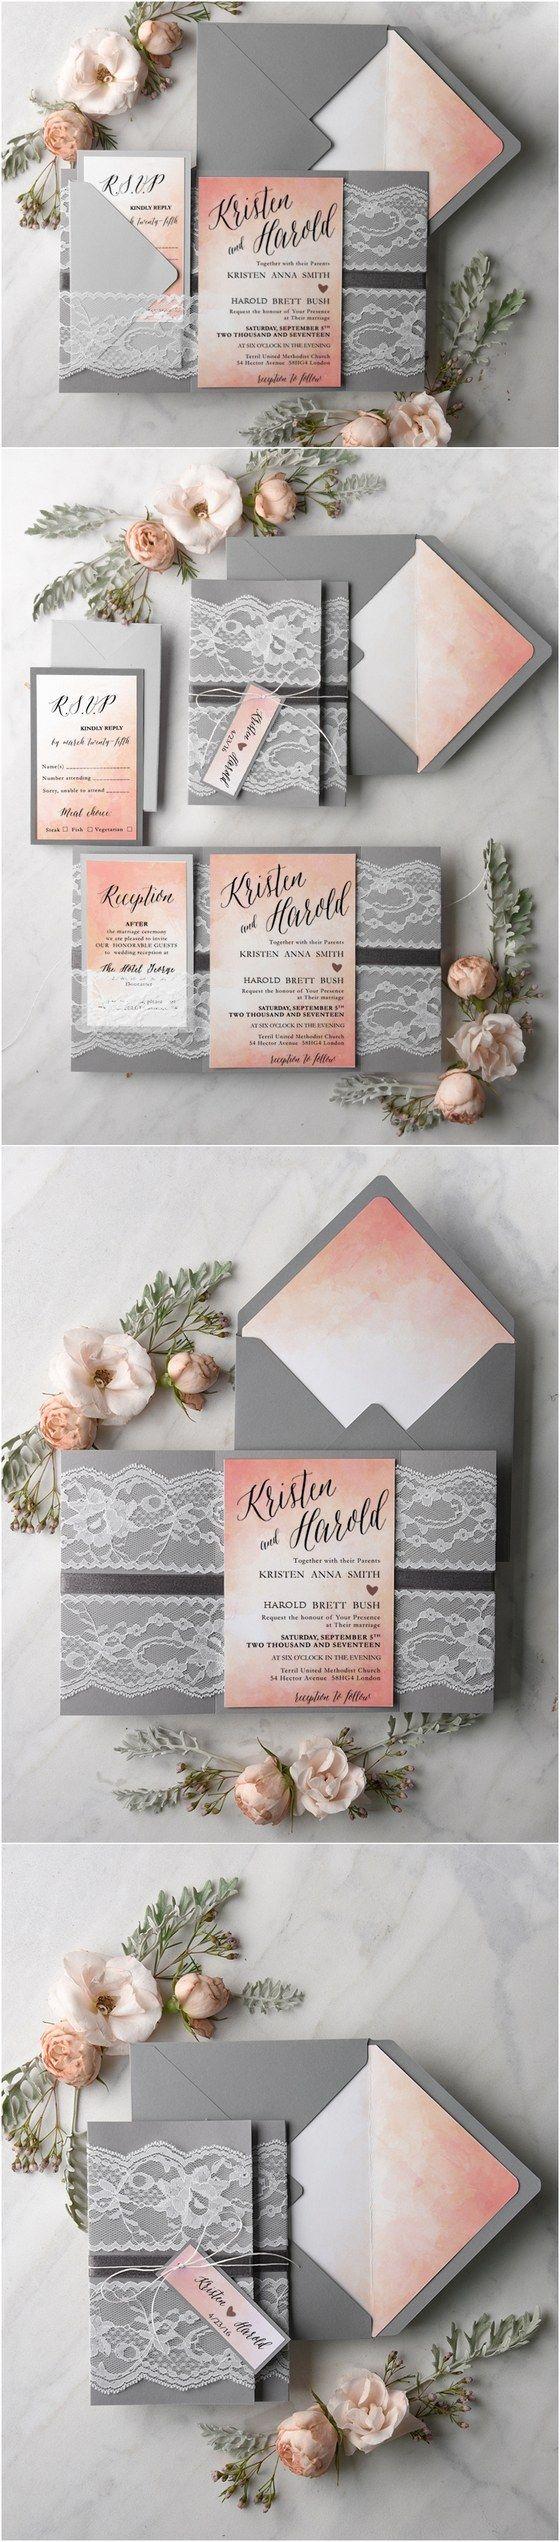 Rustic peach and grey watercolor wedding invitations #rusticwedding #countrywedding #weddingideas #fallwedding